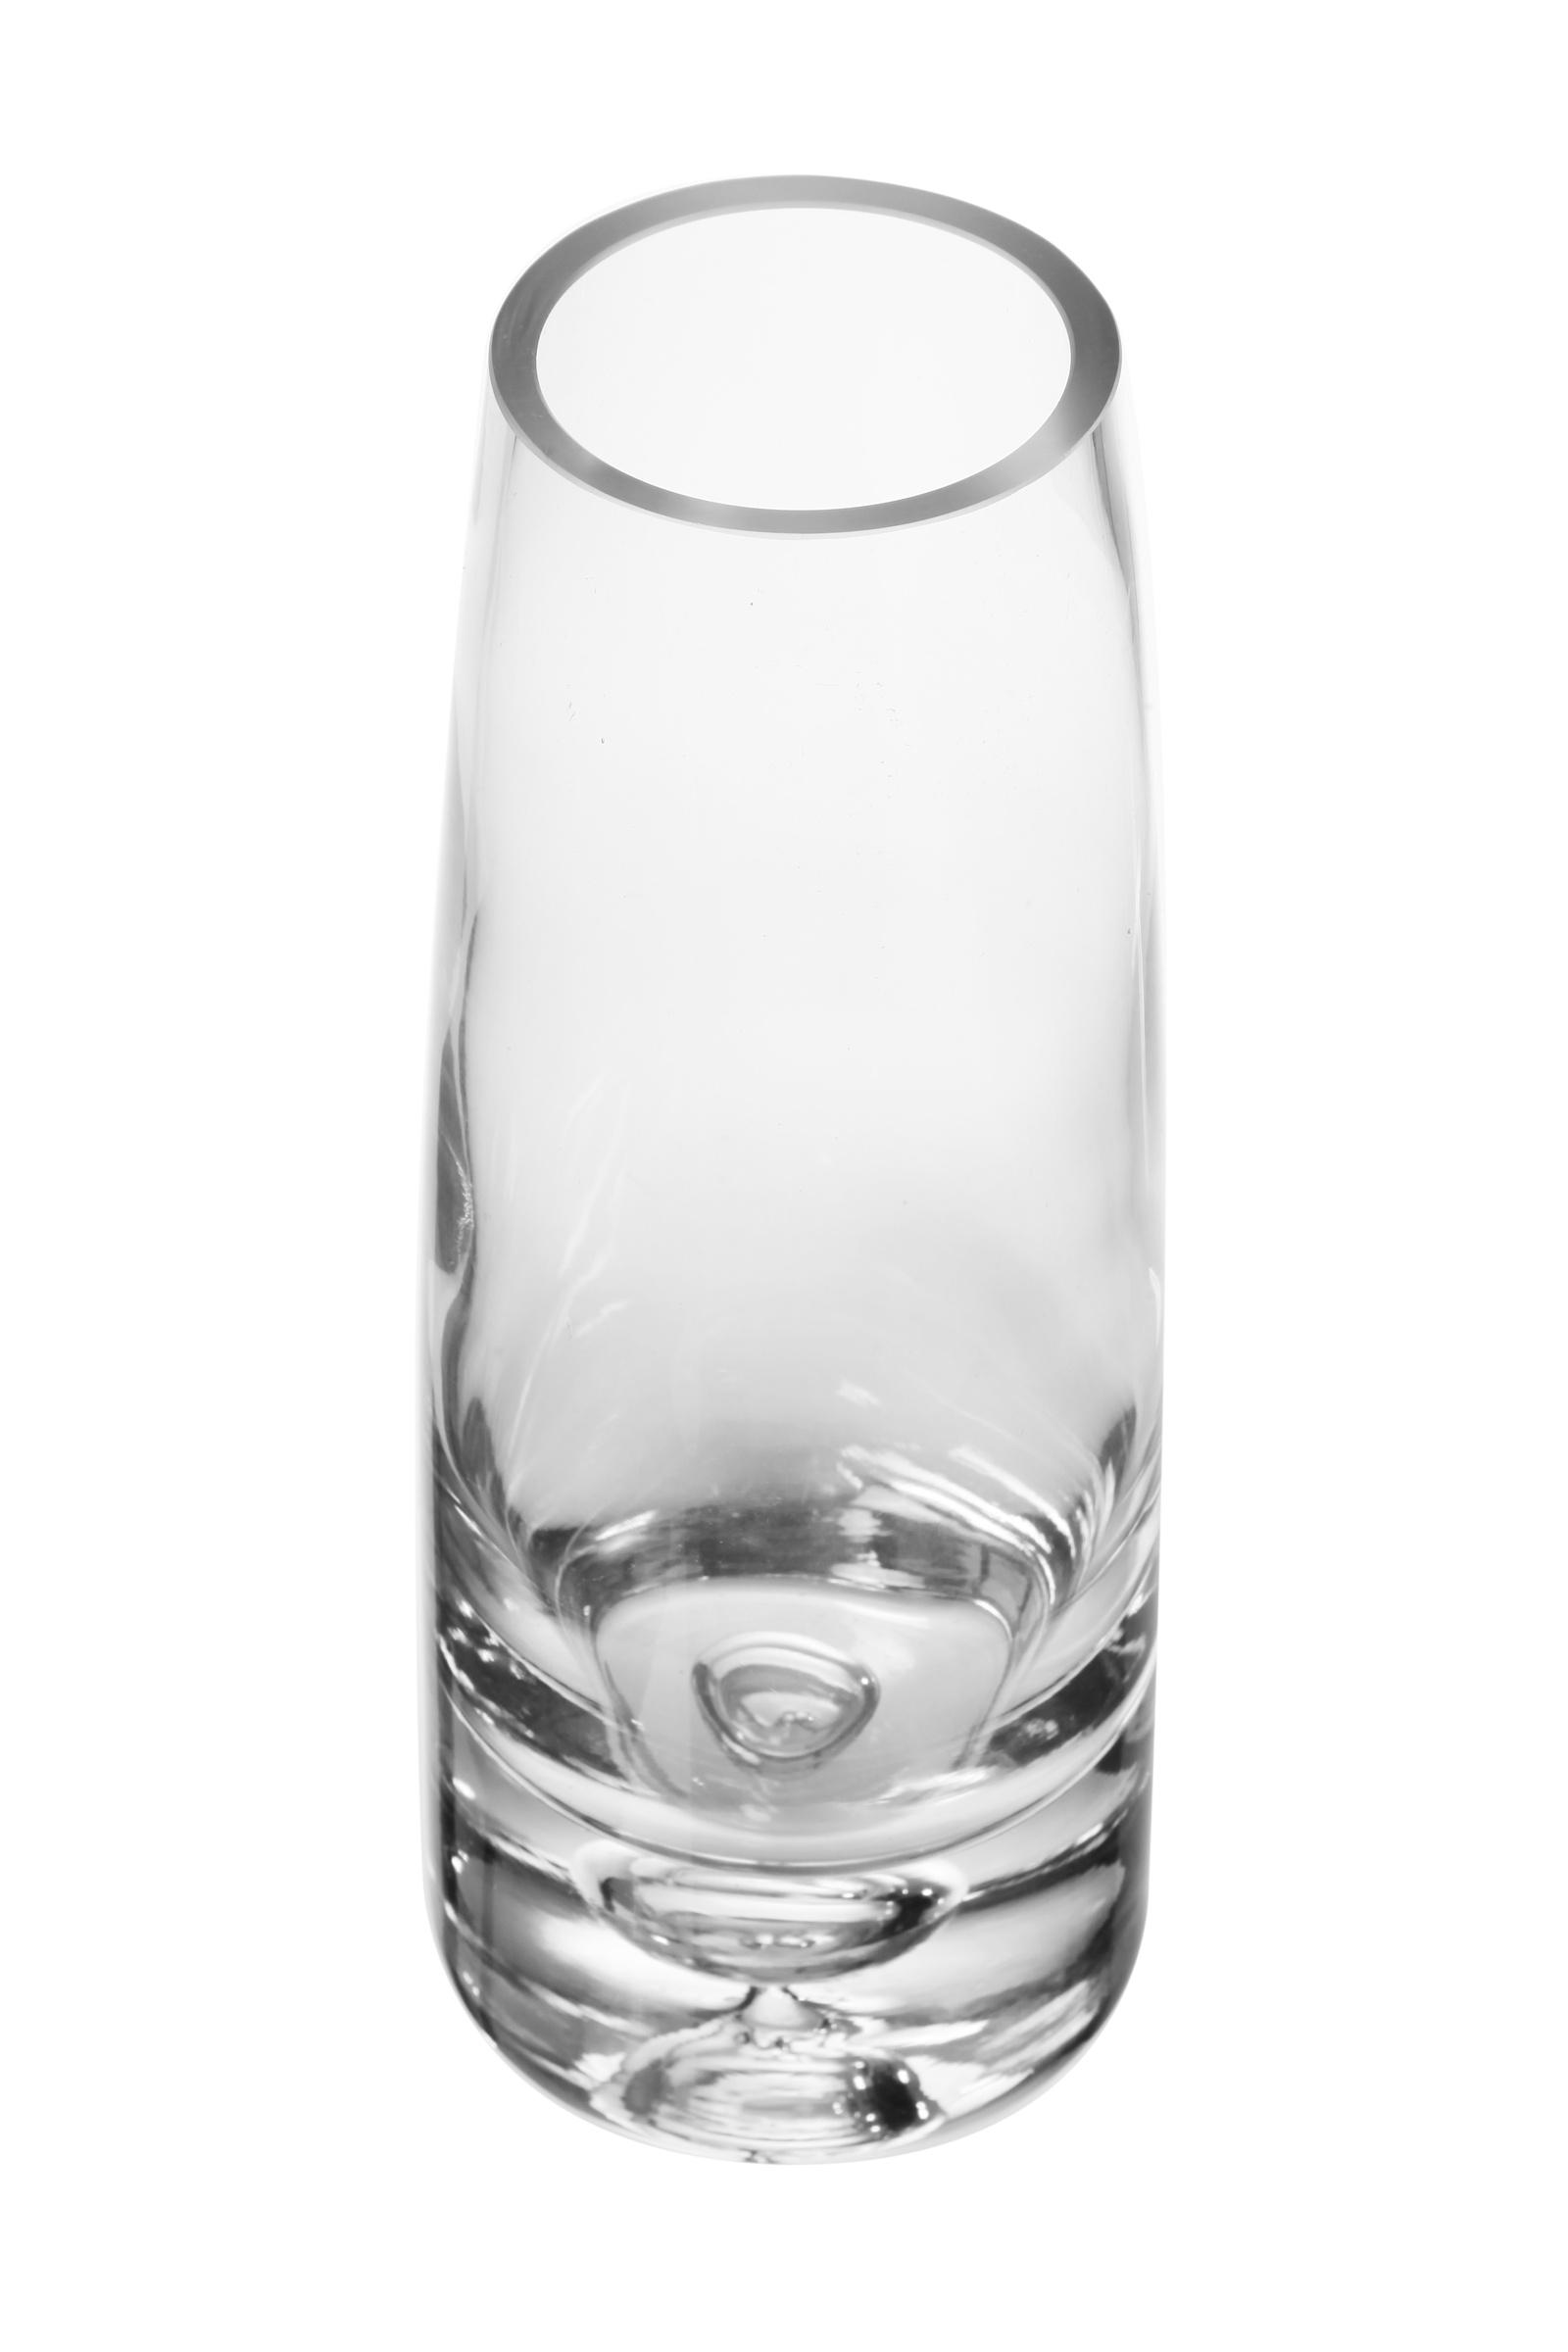 Ваза декоративная IsmatDecor, ST-2, стеклянная, прозрачный